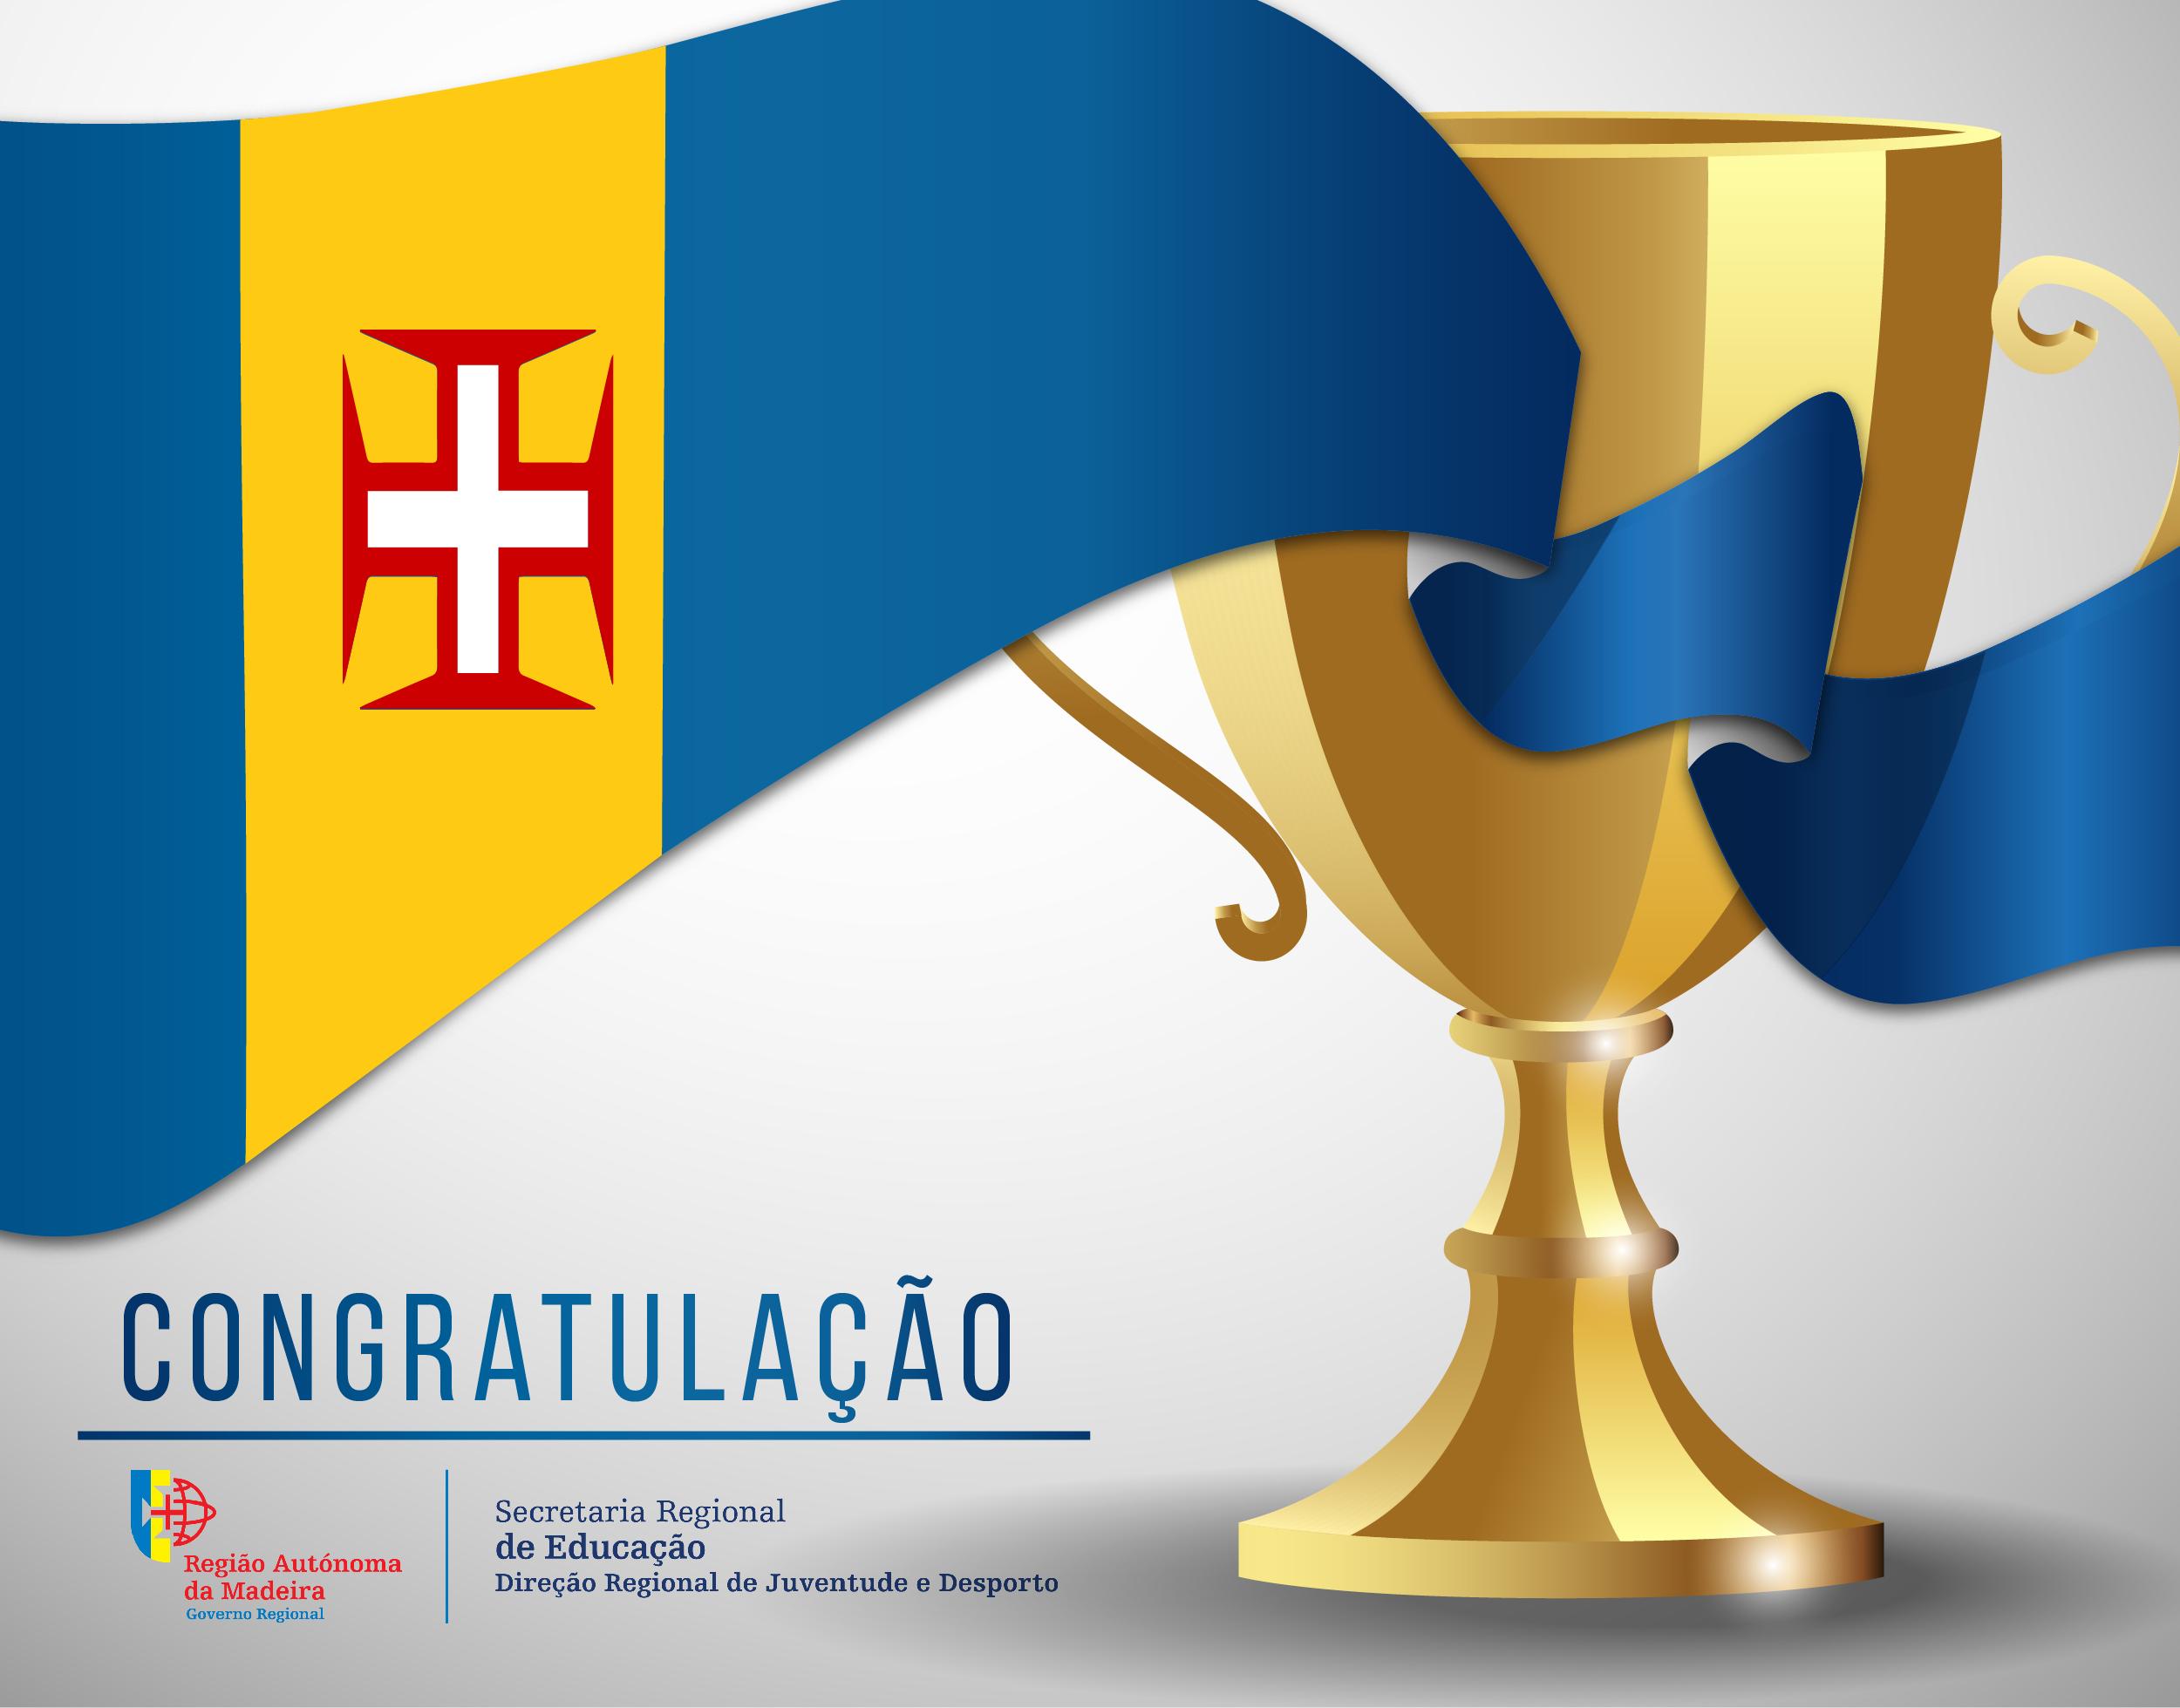 Congratulação - Leonor Jardim (Centro de Treino Mar)